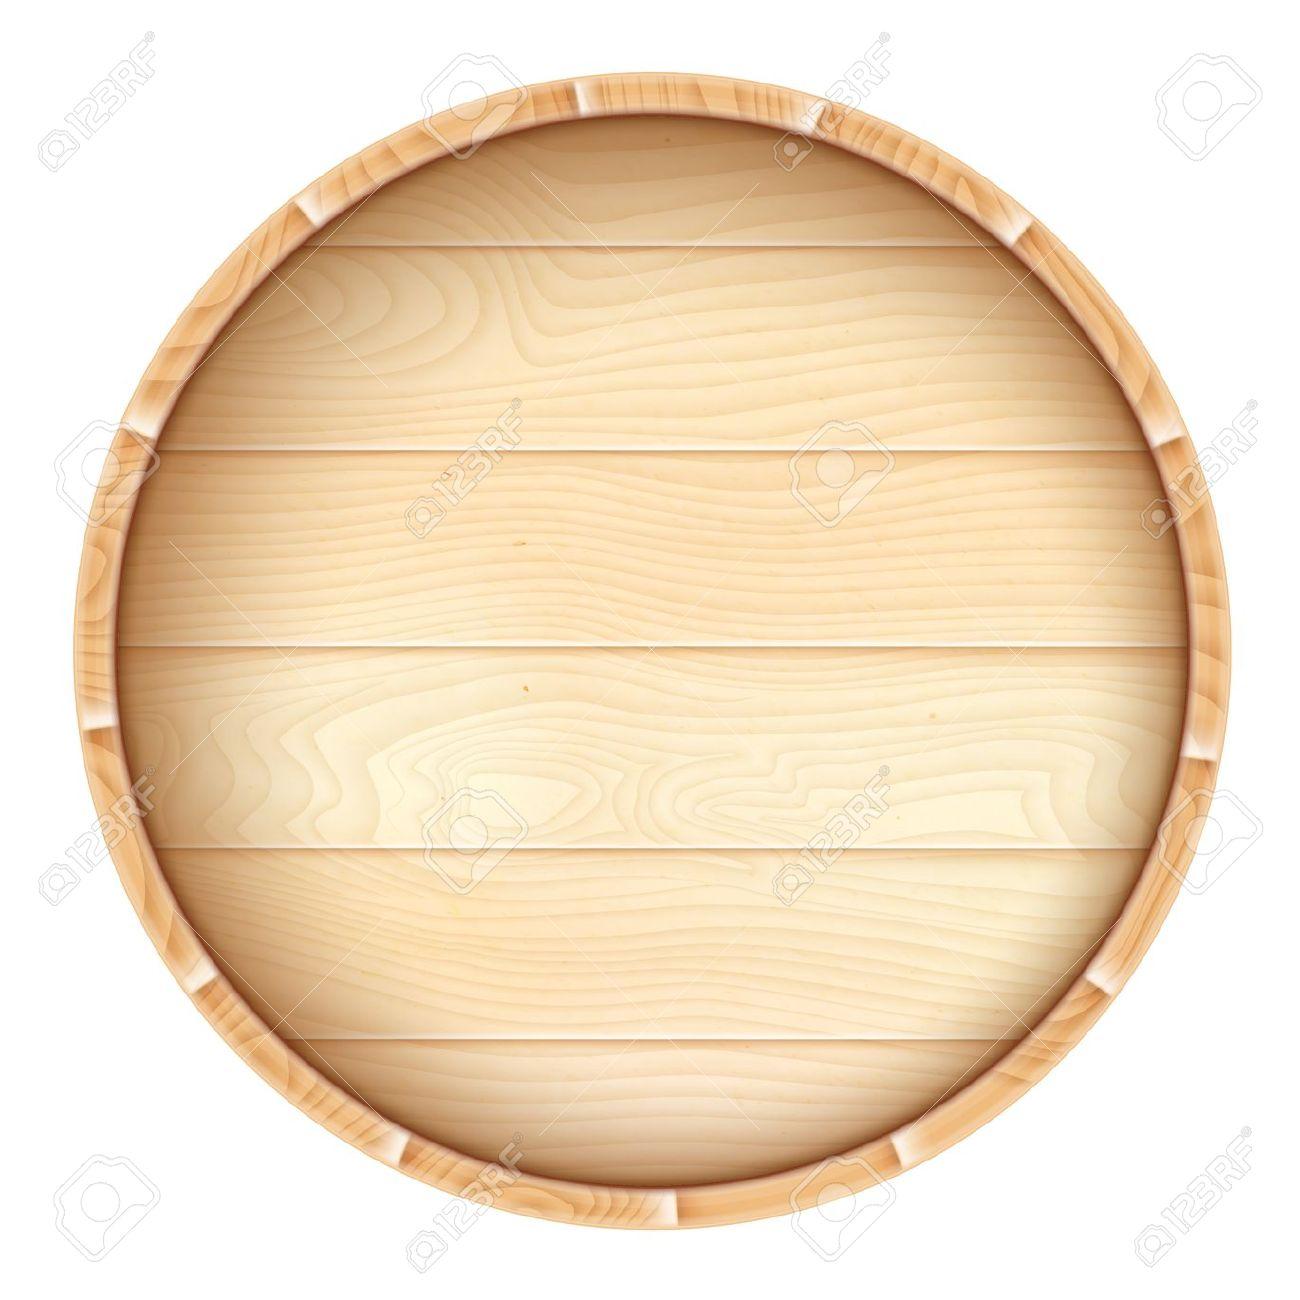 Oak barrels clipart - Clipground